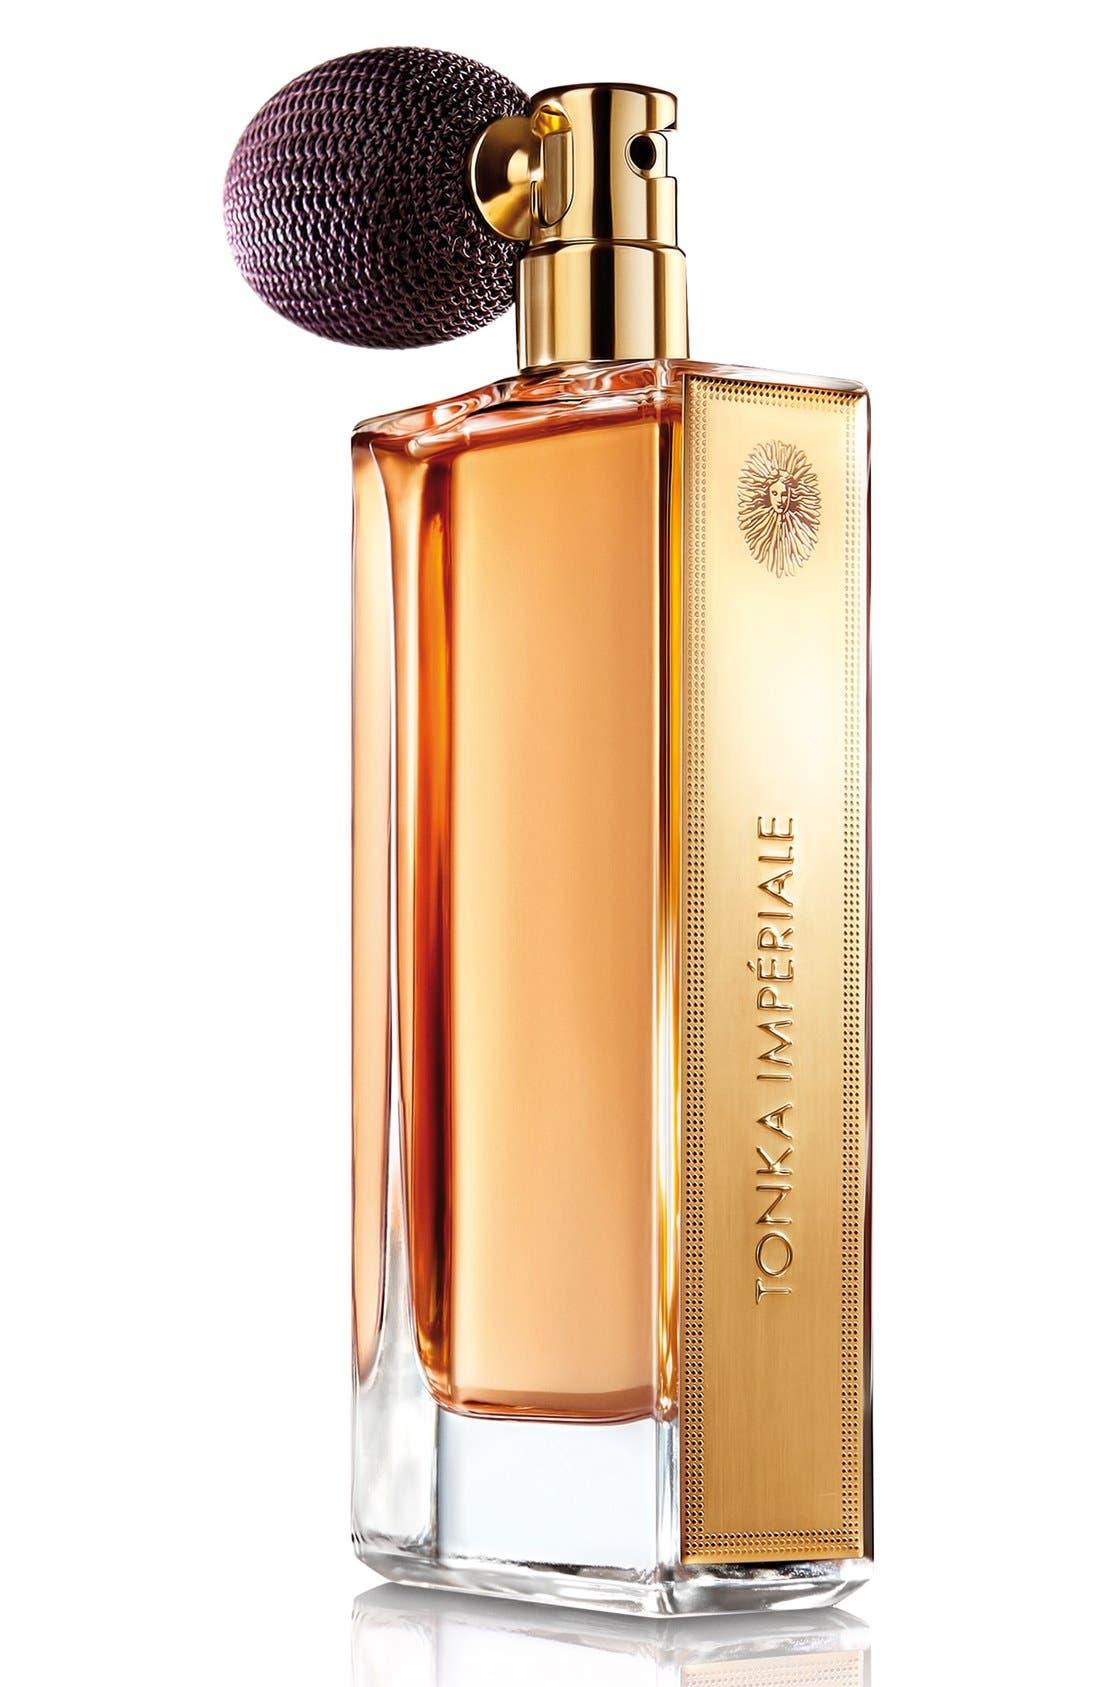 Guerlain L'Art et la Matiere Tonka Impériale Eau de Parfum